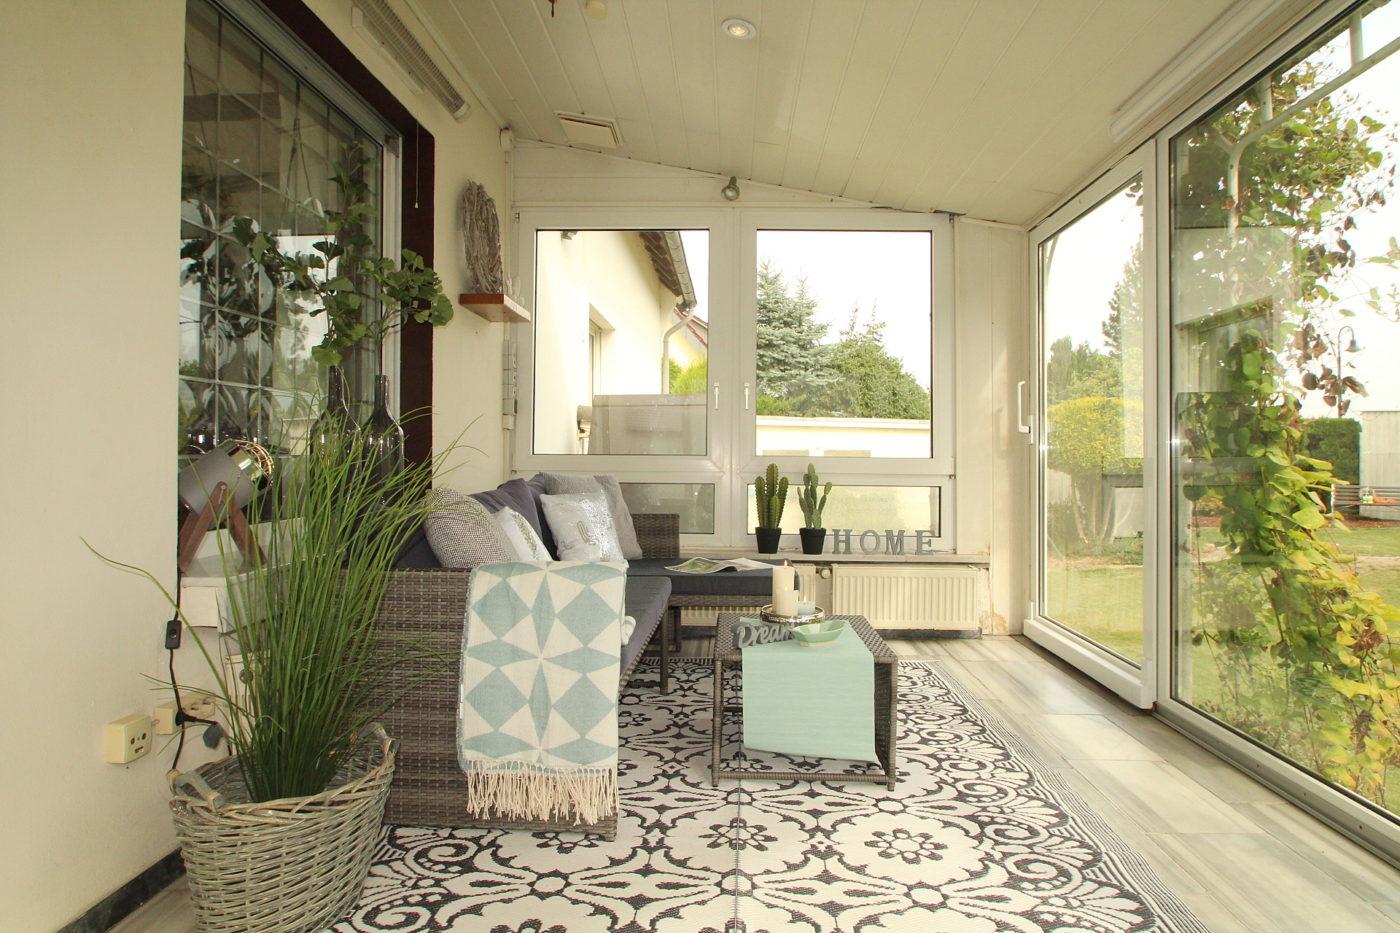 Diese zuvor leere und geerbte Immobilie in Anröchte wurde erst durch Home Staging nach nur einer Besichtigung und zum Bestpreis verkauft. Blickfang Homestaging sind DIE Experten im Kreis Soest, wenn es um Home Staging geht